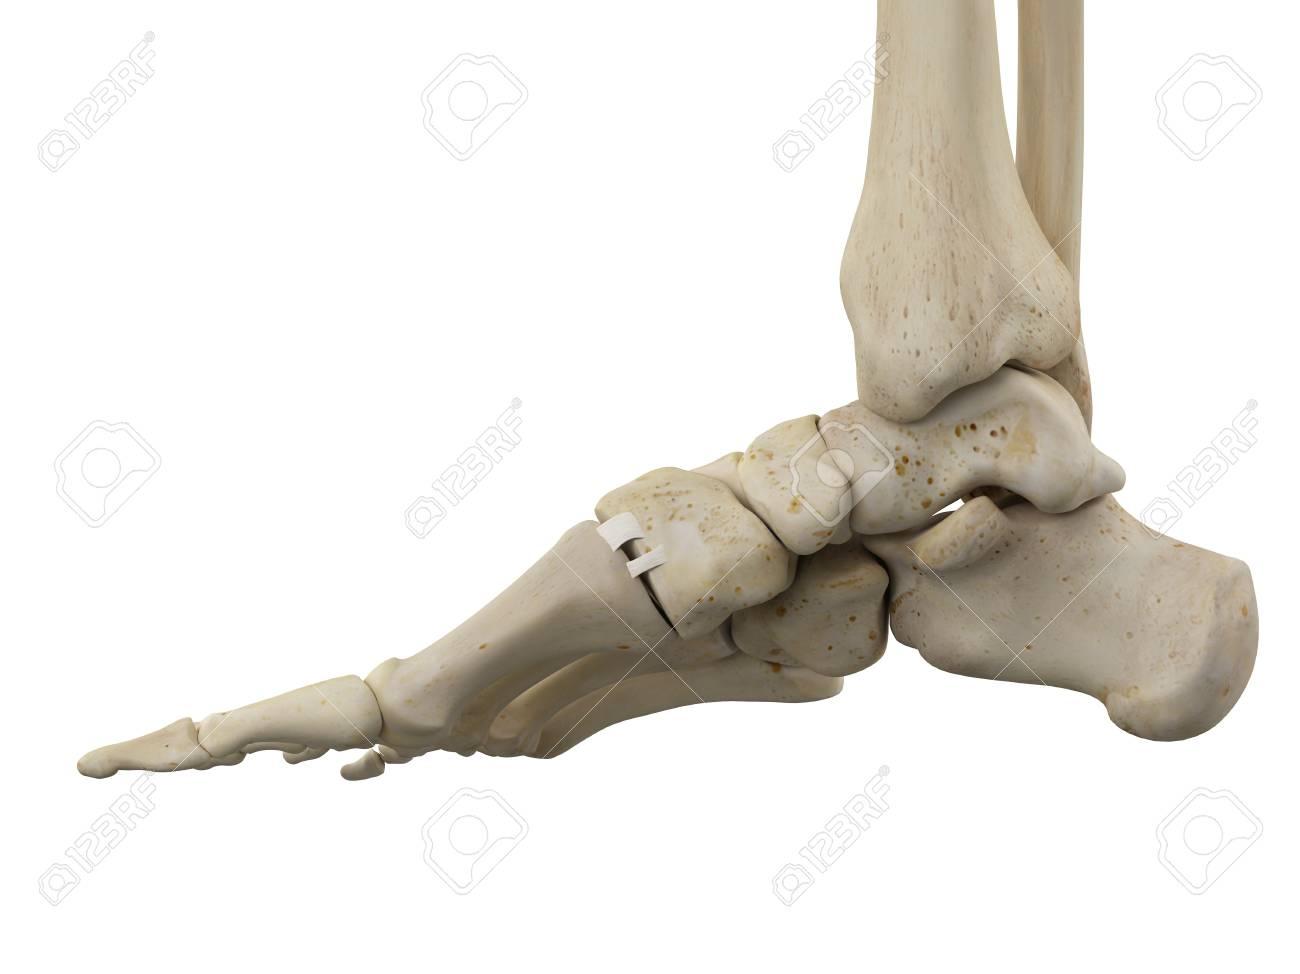 Huesos Del Pie Humano, Ilustración Fotos, Retratos, Imágenes Y ...